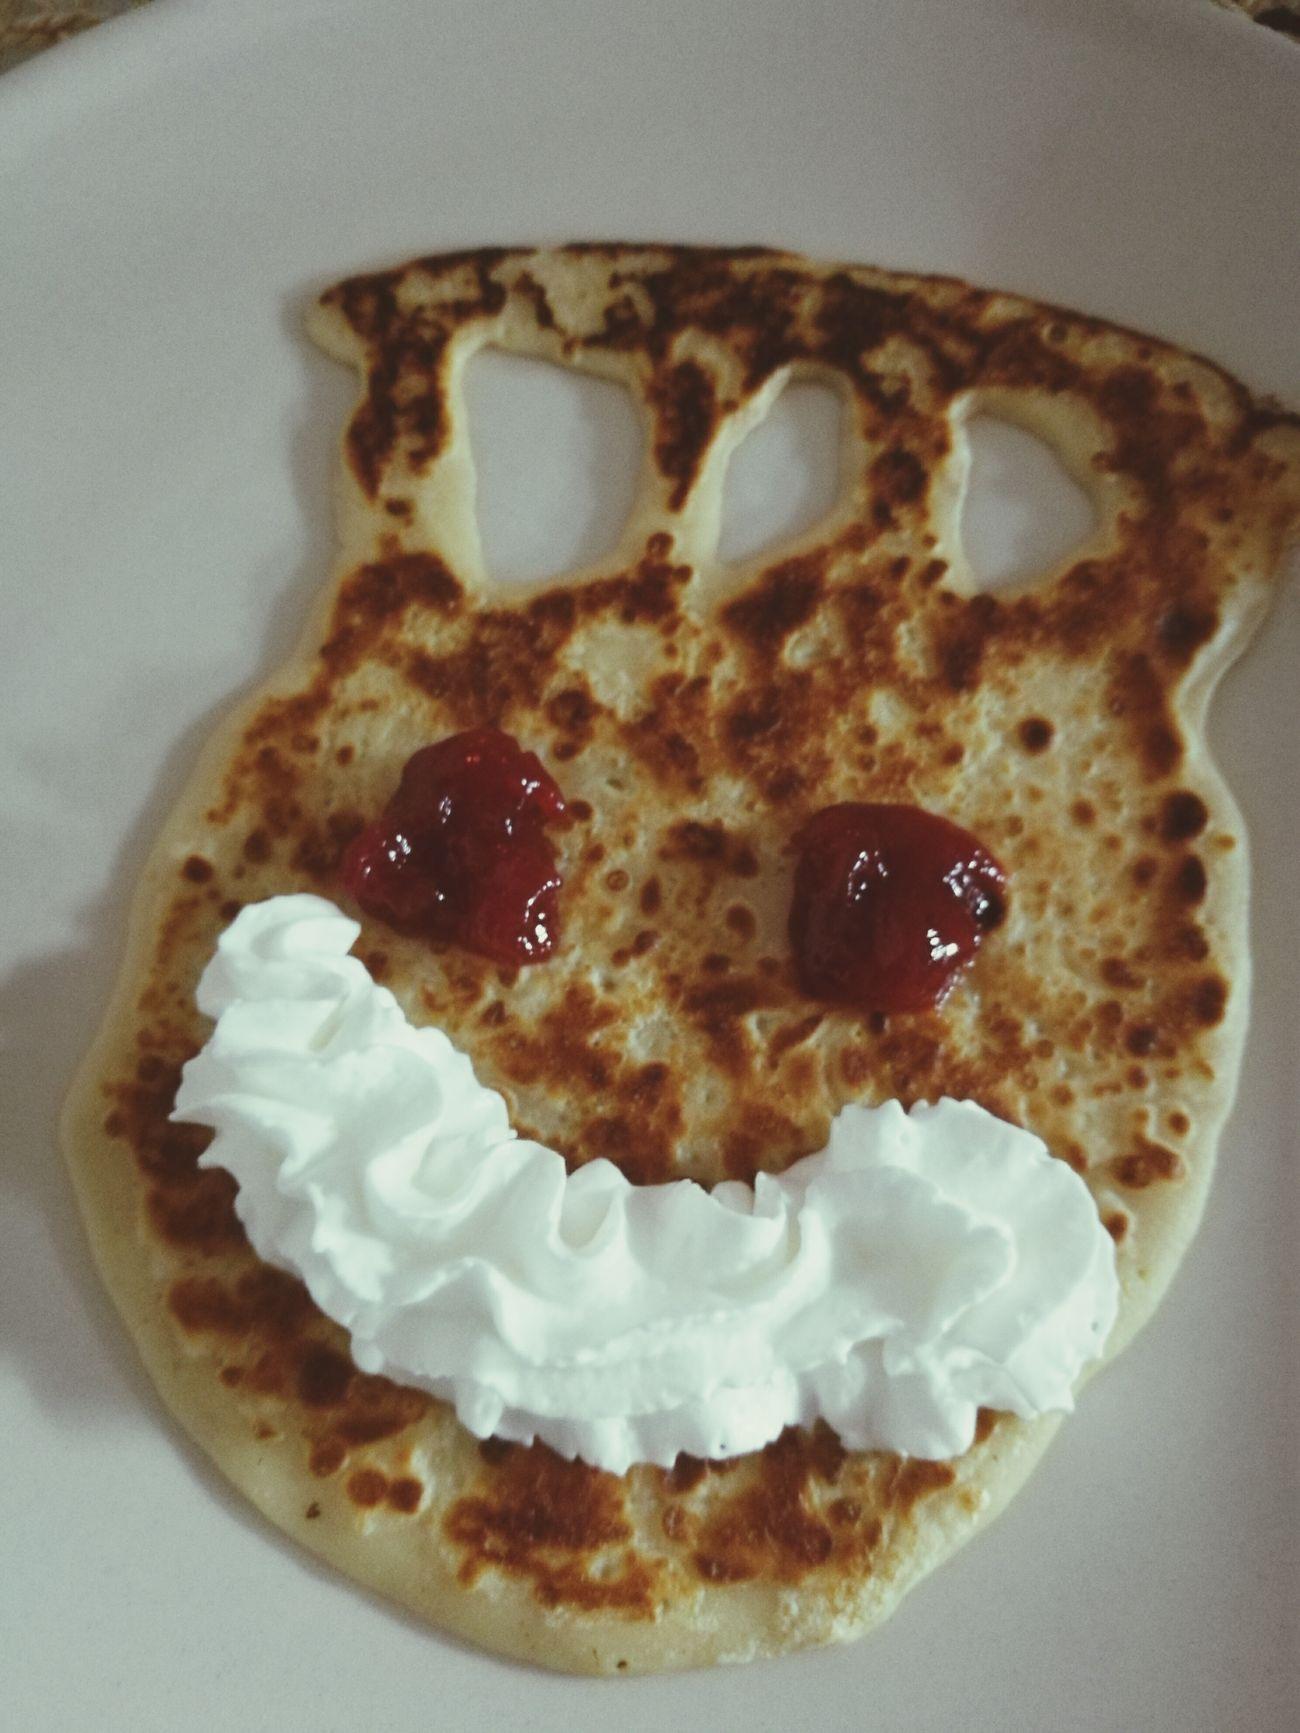 Food Sweet Food Baked Freshness Ready-to-eat Pancakes Pancake Sweet Jam Whippedcream Cream Yummy ♥ Slovakia🇸🇰 Lunchtime!